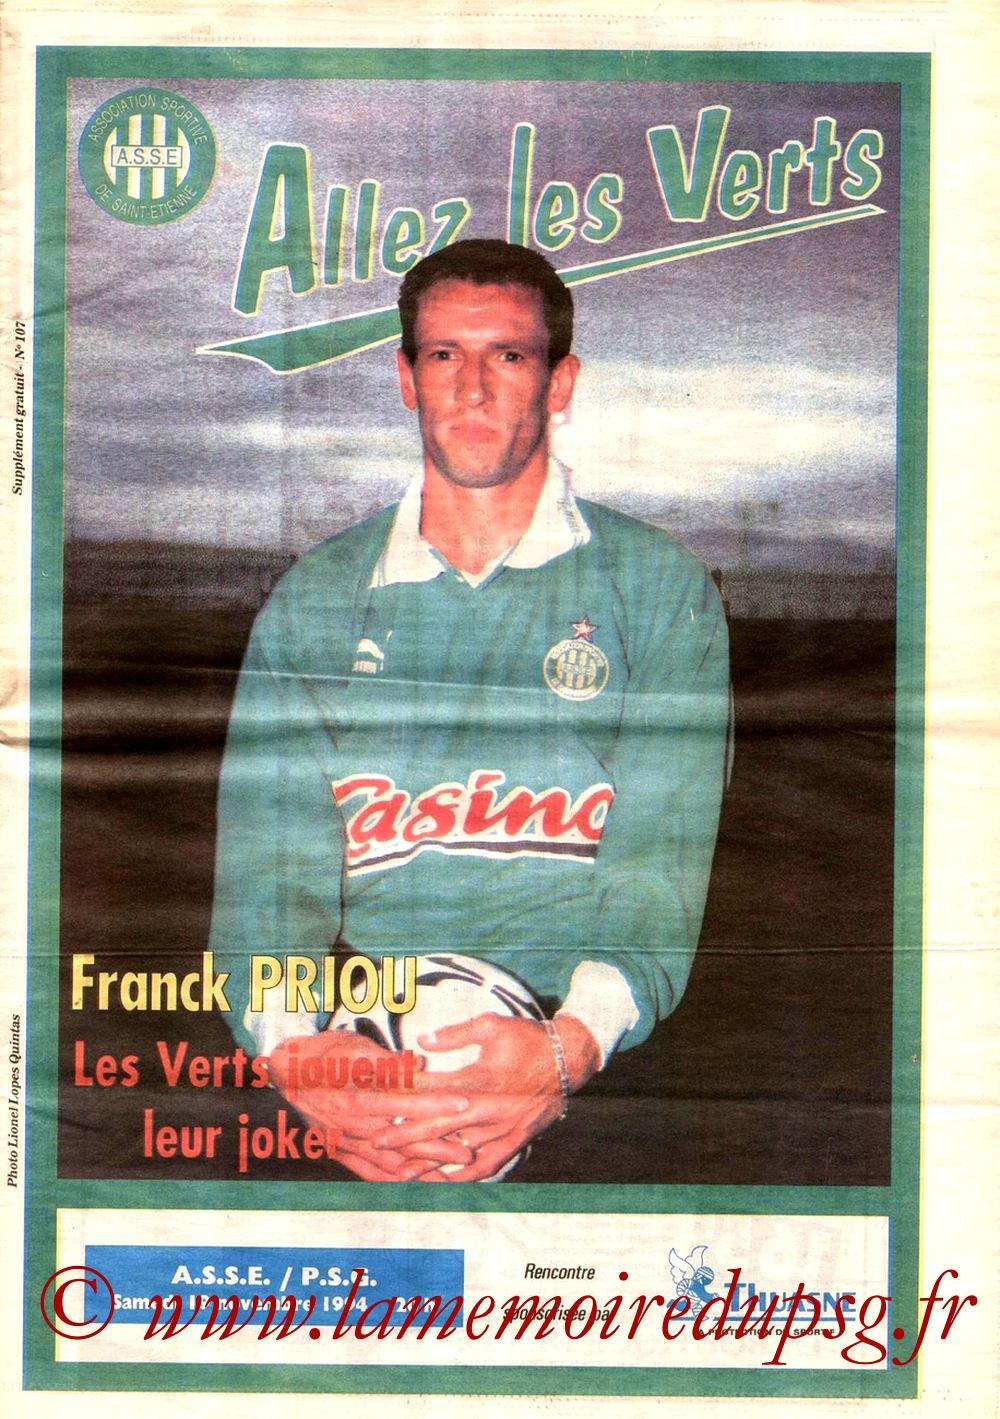 1994-11-19  Saint Etienne-PSG (18ème D1, Allez les verts N°107)